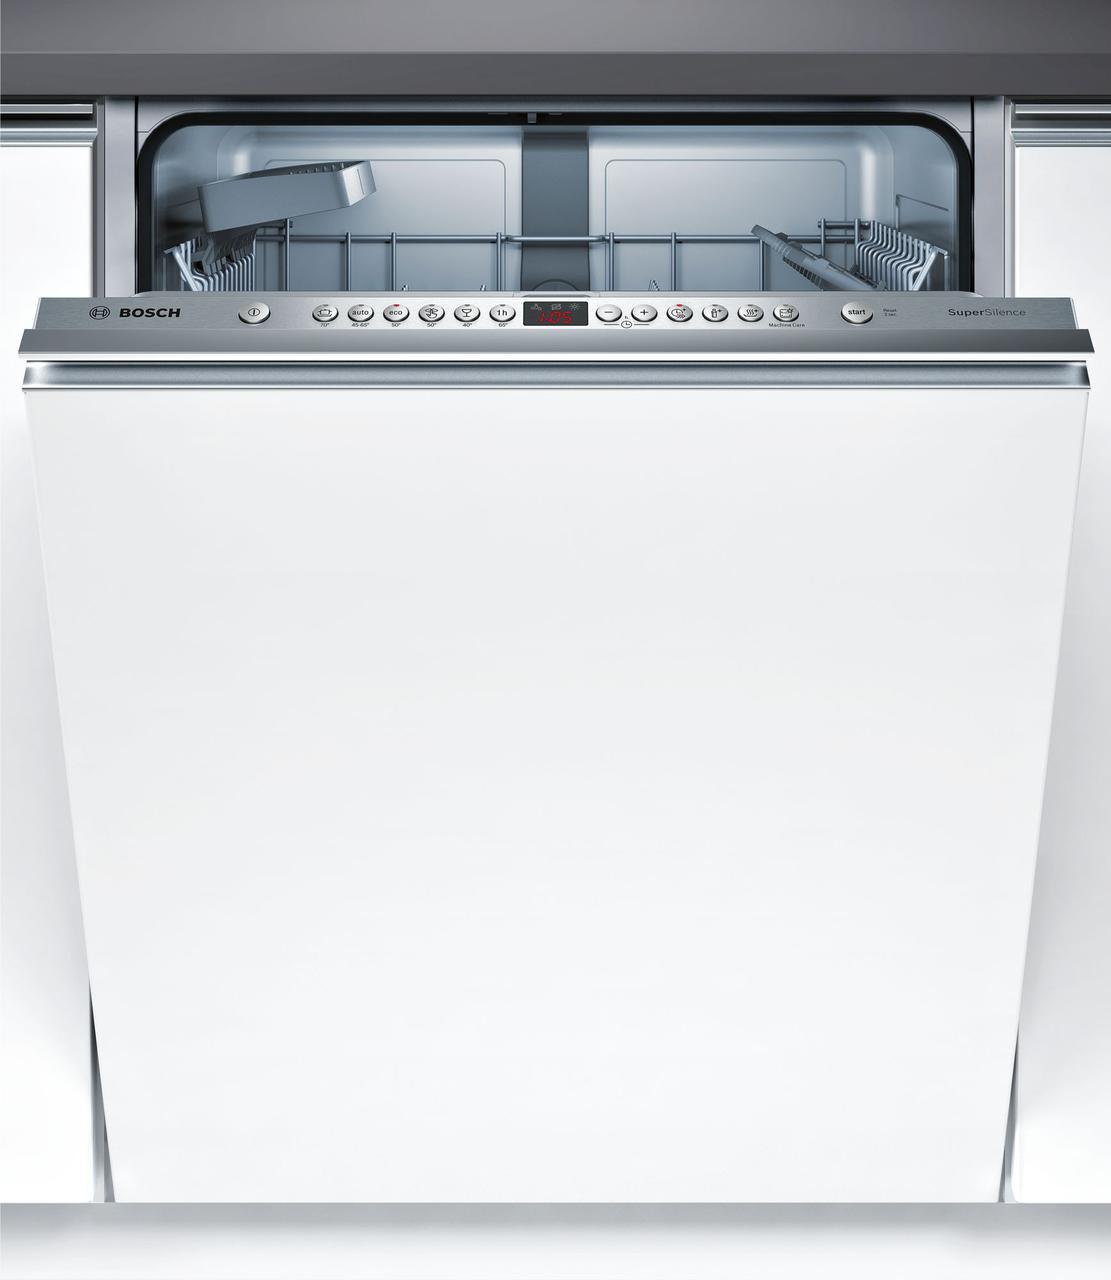 Посудомоечная машина встраиваемая Bosch SMV46IX14E, фото 1